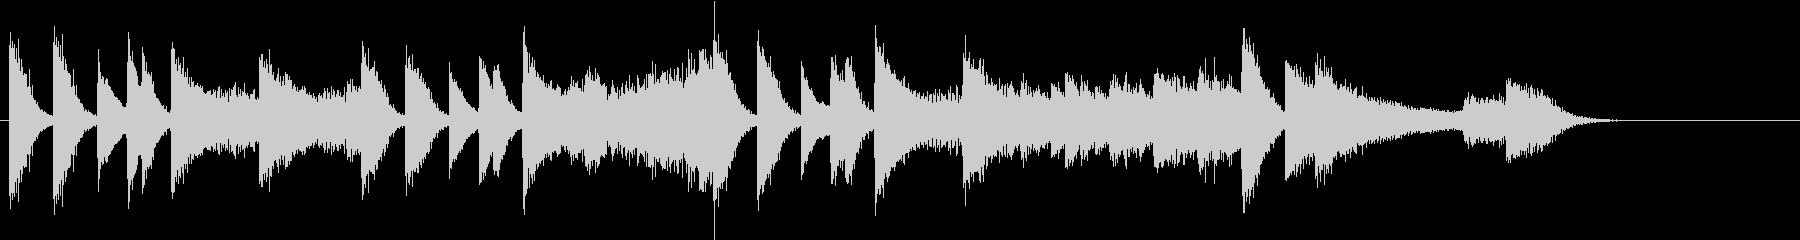 始まりを予感するゴージャスピアノジングルの未再生の波形